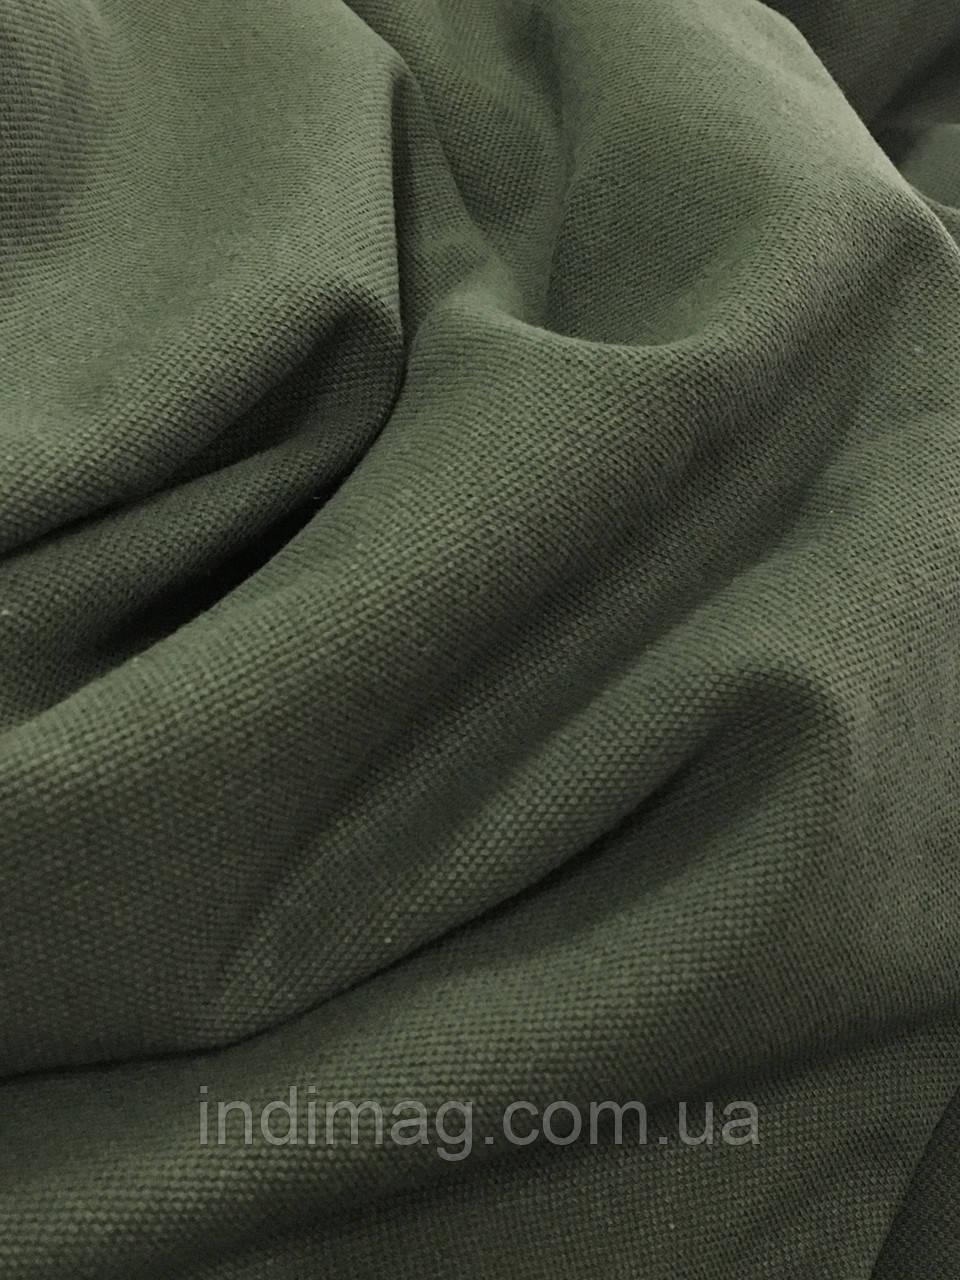 Трикотажное полотно Лакоста